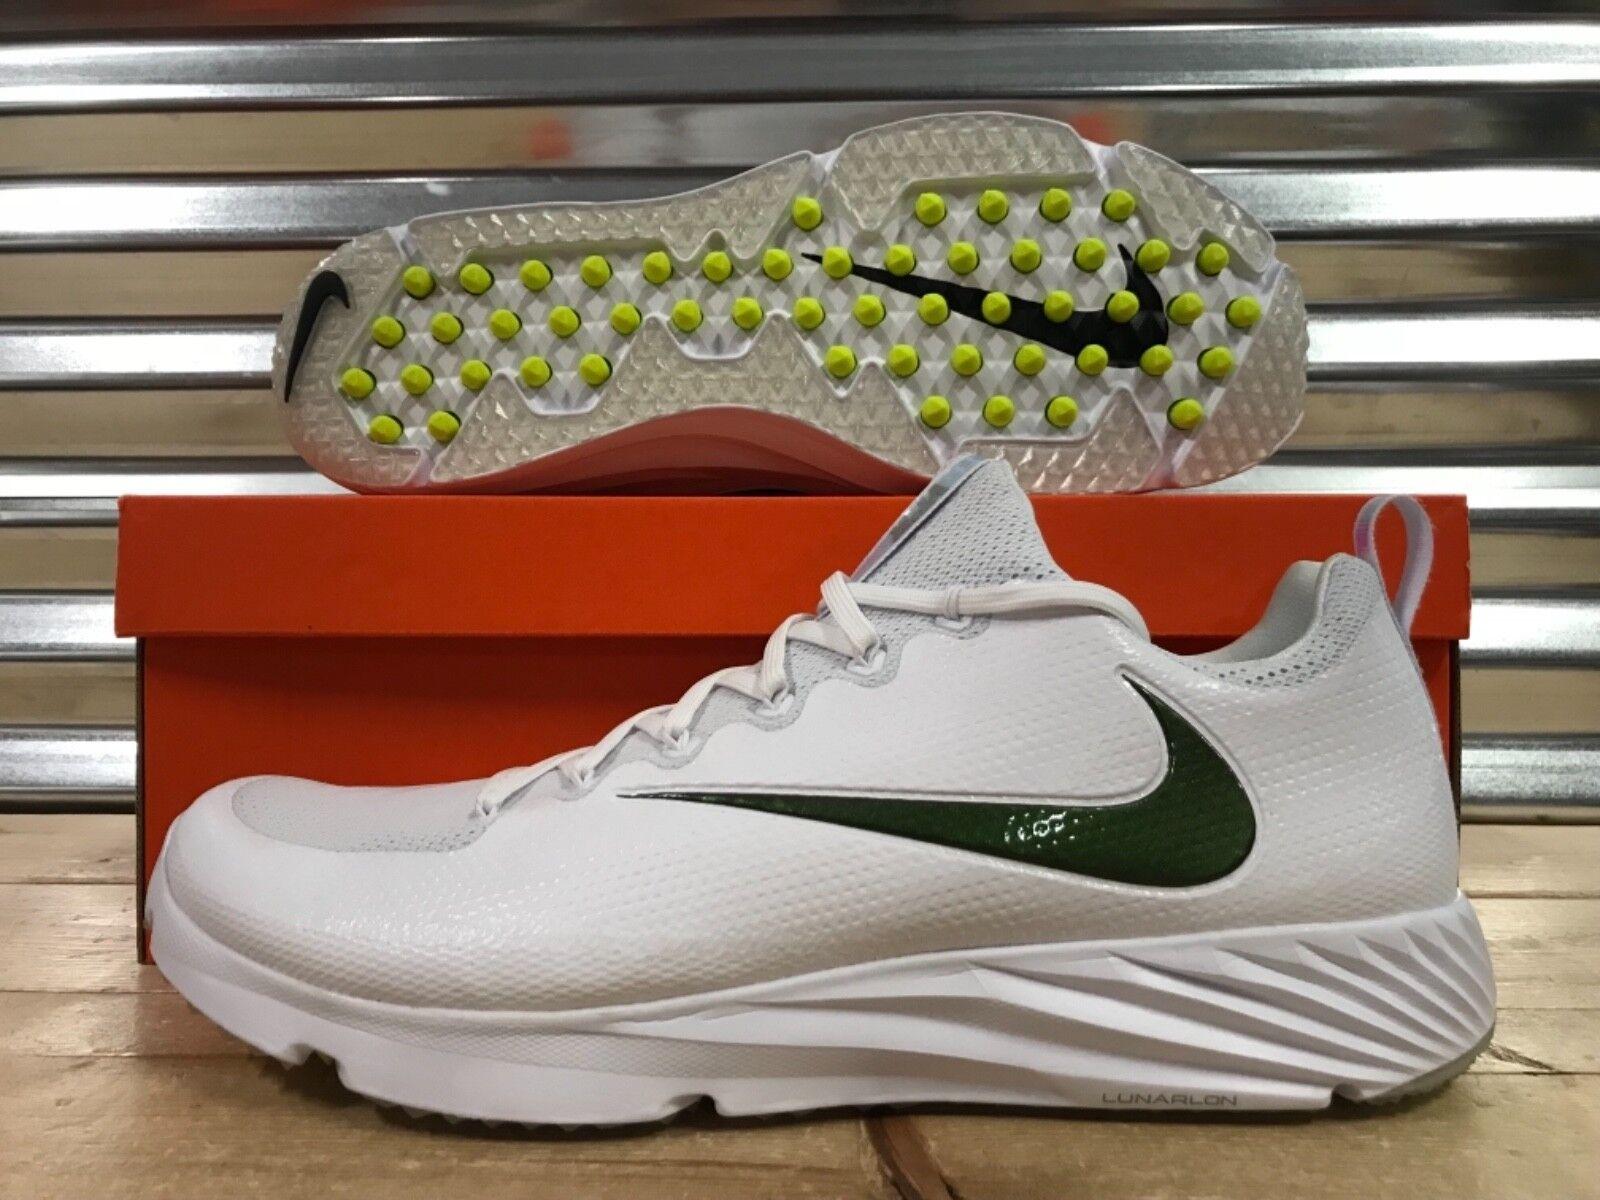 Nike vapor unantastbar geschwindigkeit rasen trainer schuhe, weiße oregon sz (833408-112)